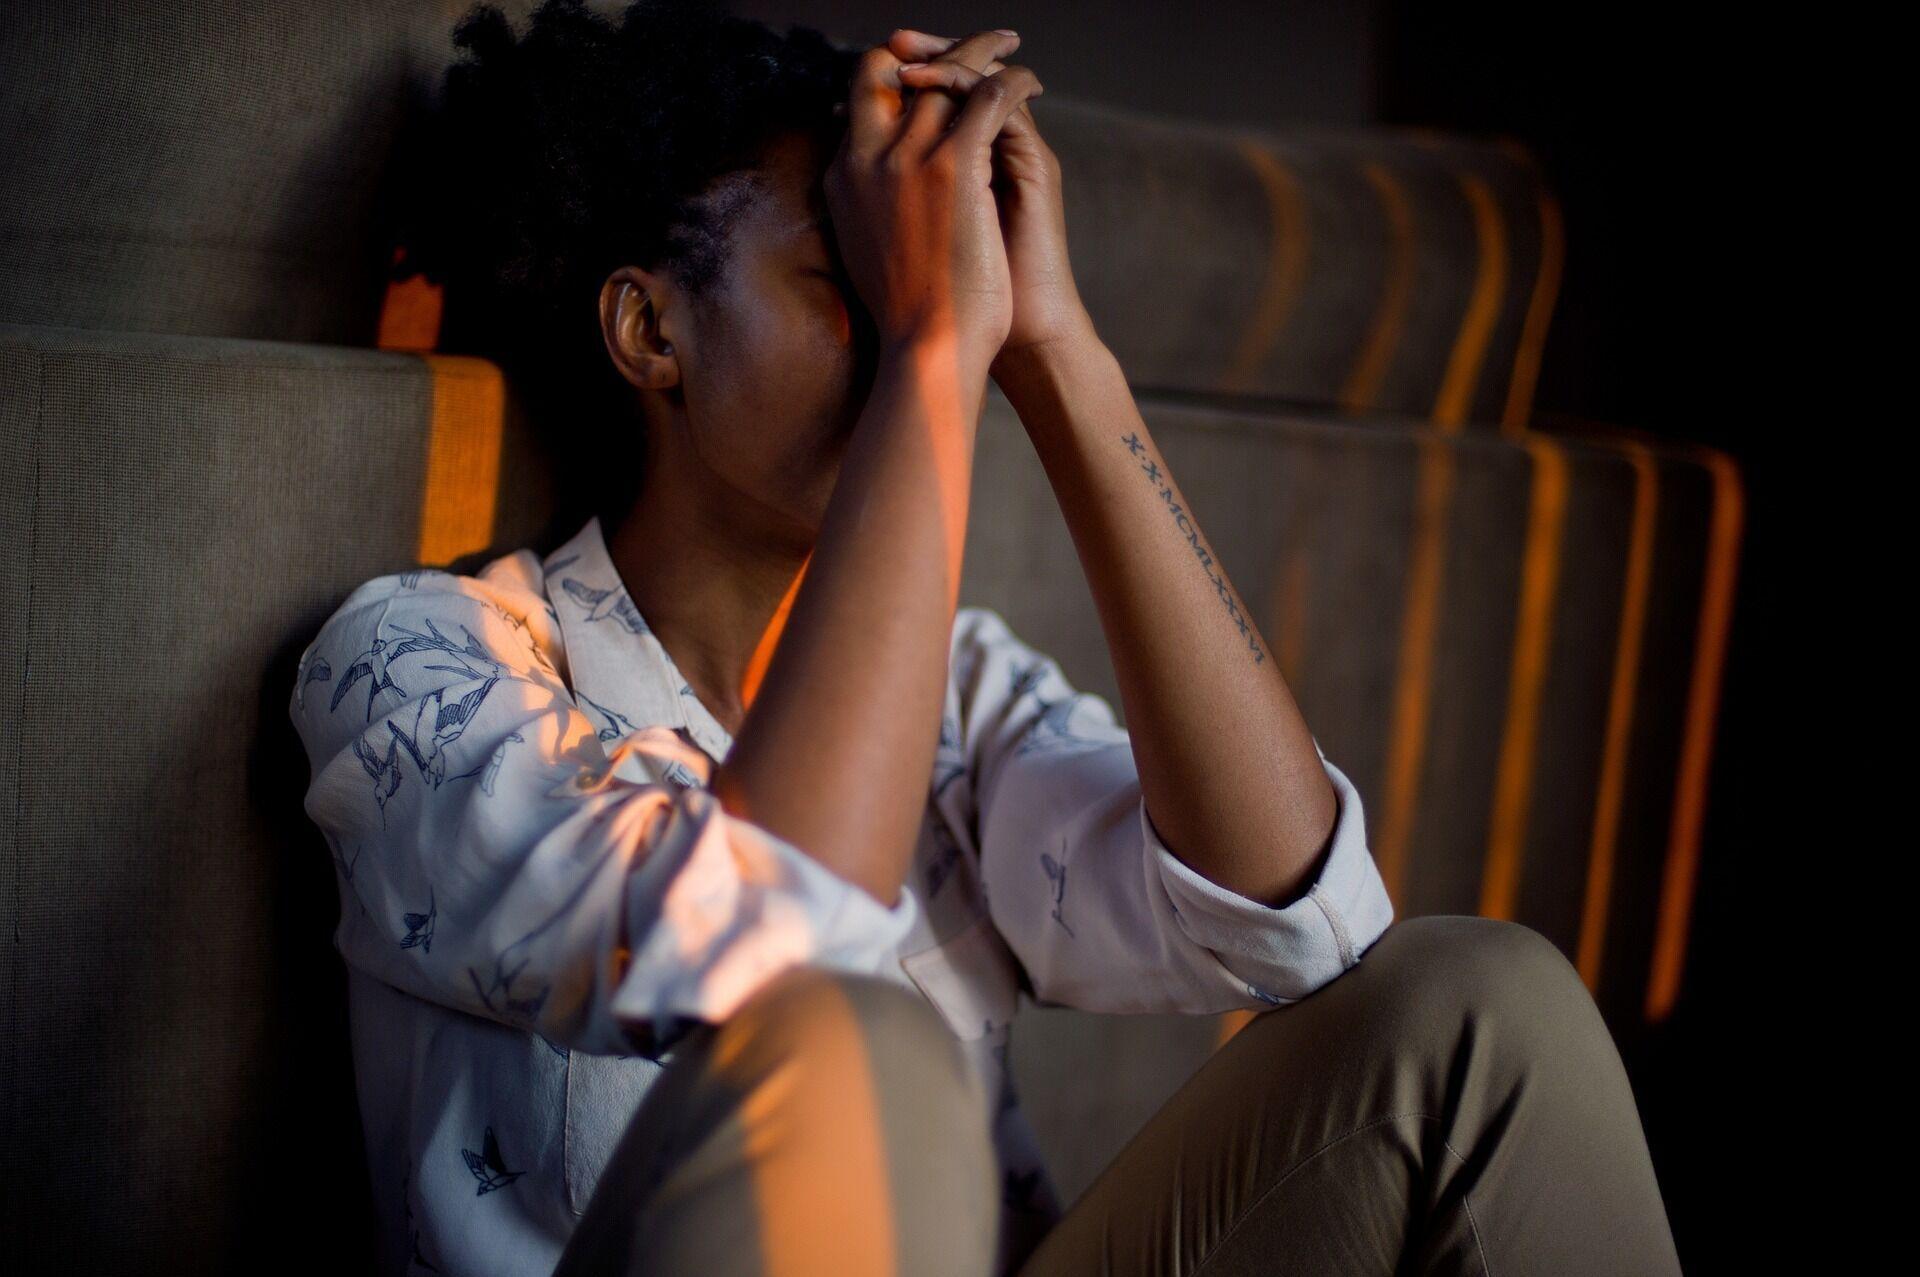 Хронический стресс приводит к преждевременному старению организма